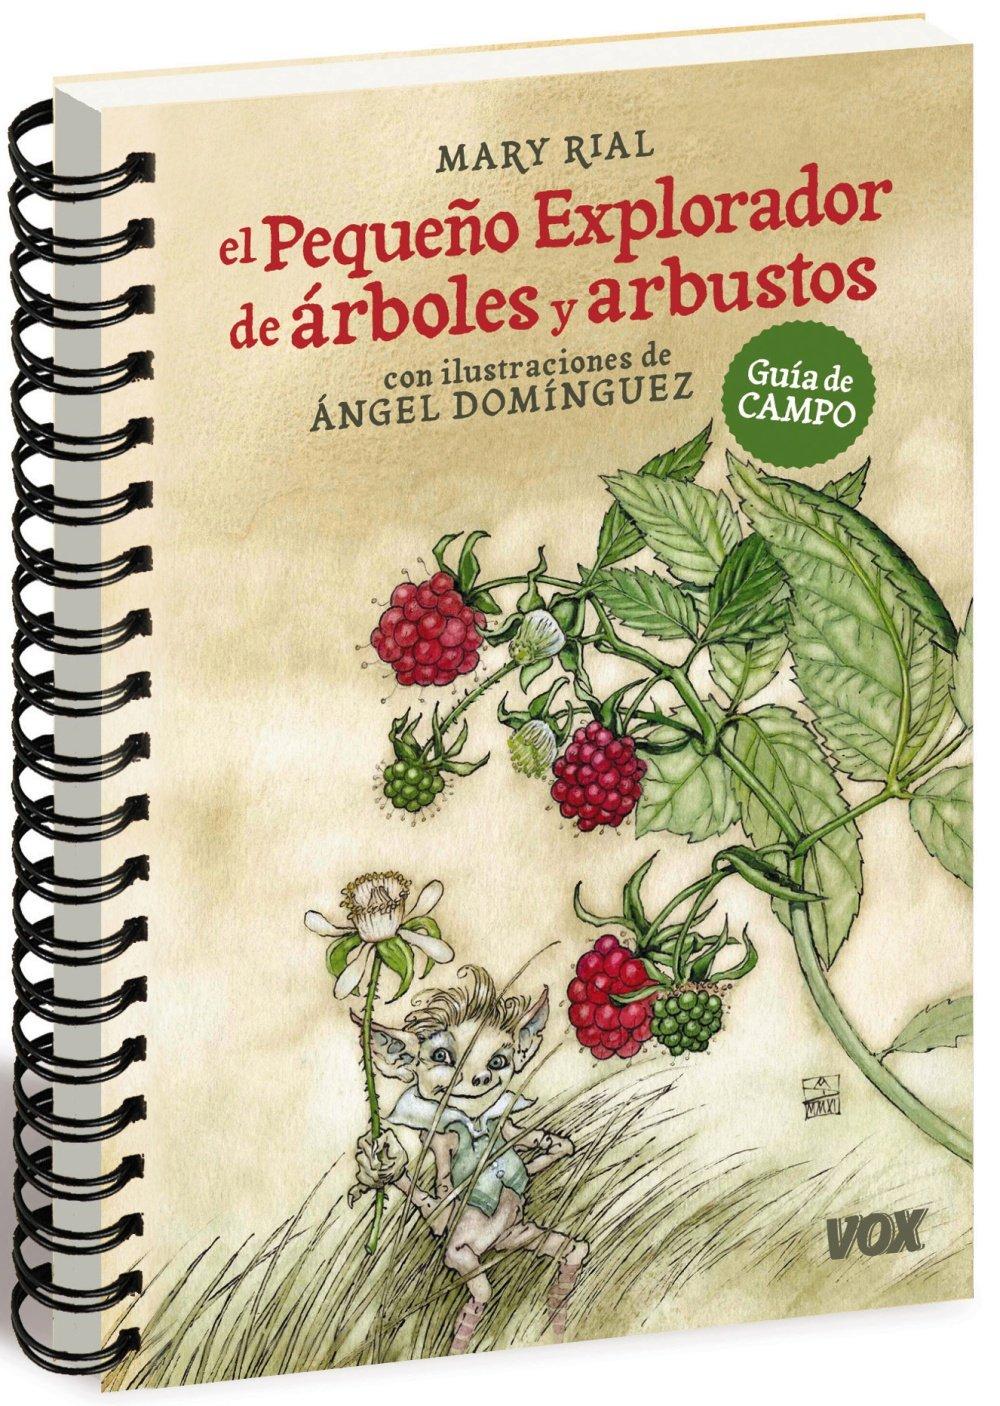 Pequeño Explorador árboles Vox - Infantil / Juvenil - Castellano - A Partir De 5/6 Años - Guías De Campo: Amazon.es: Aa.Vv.: Libros